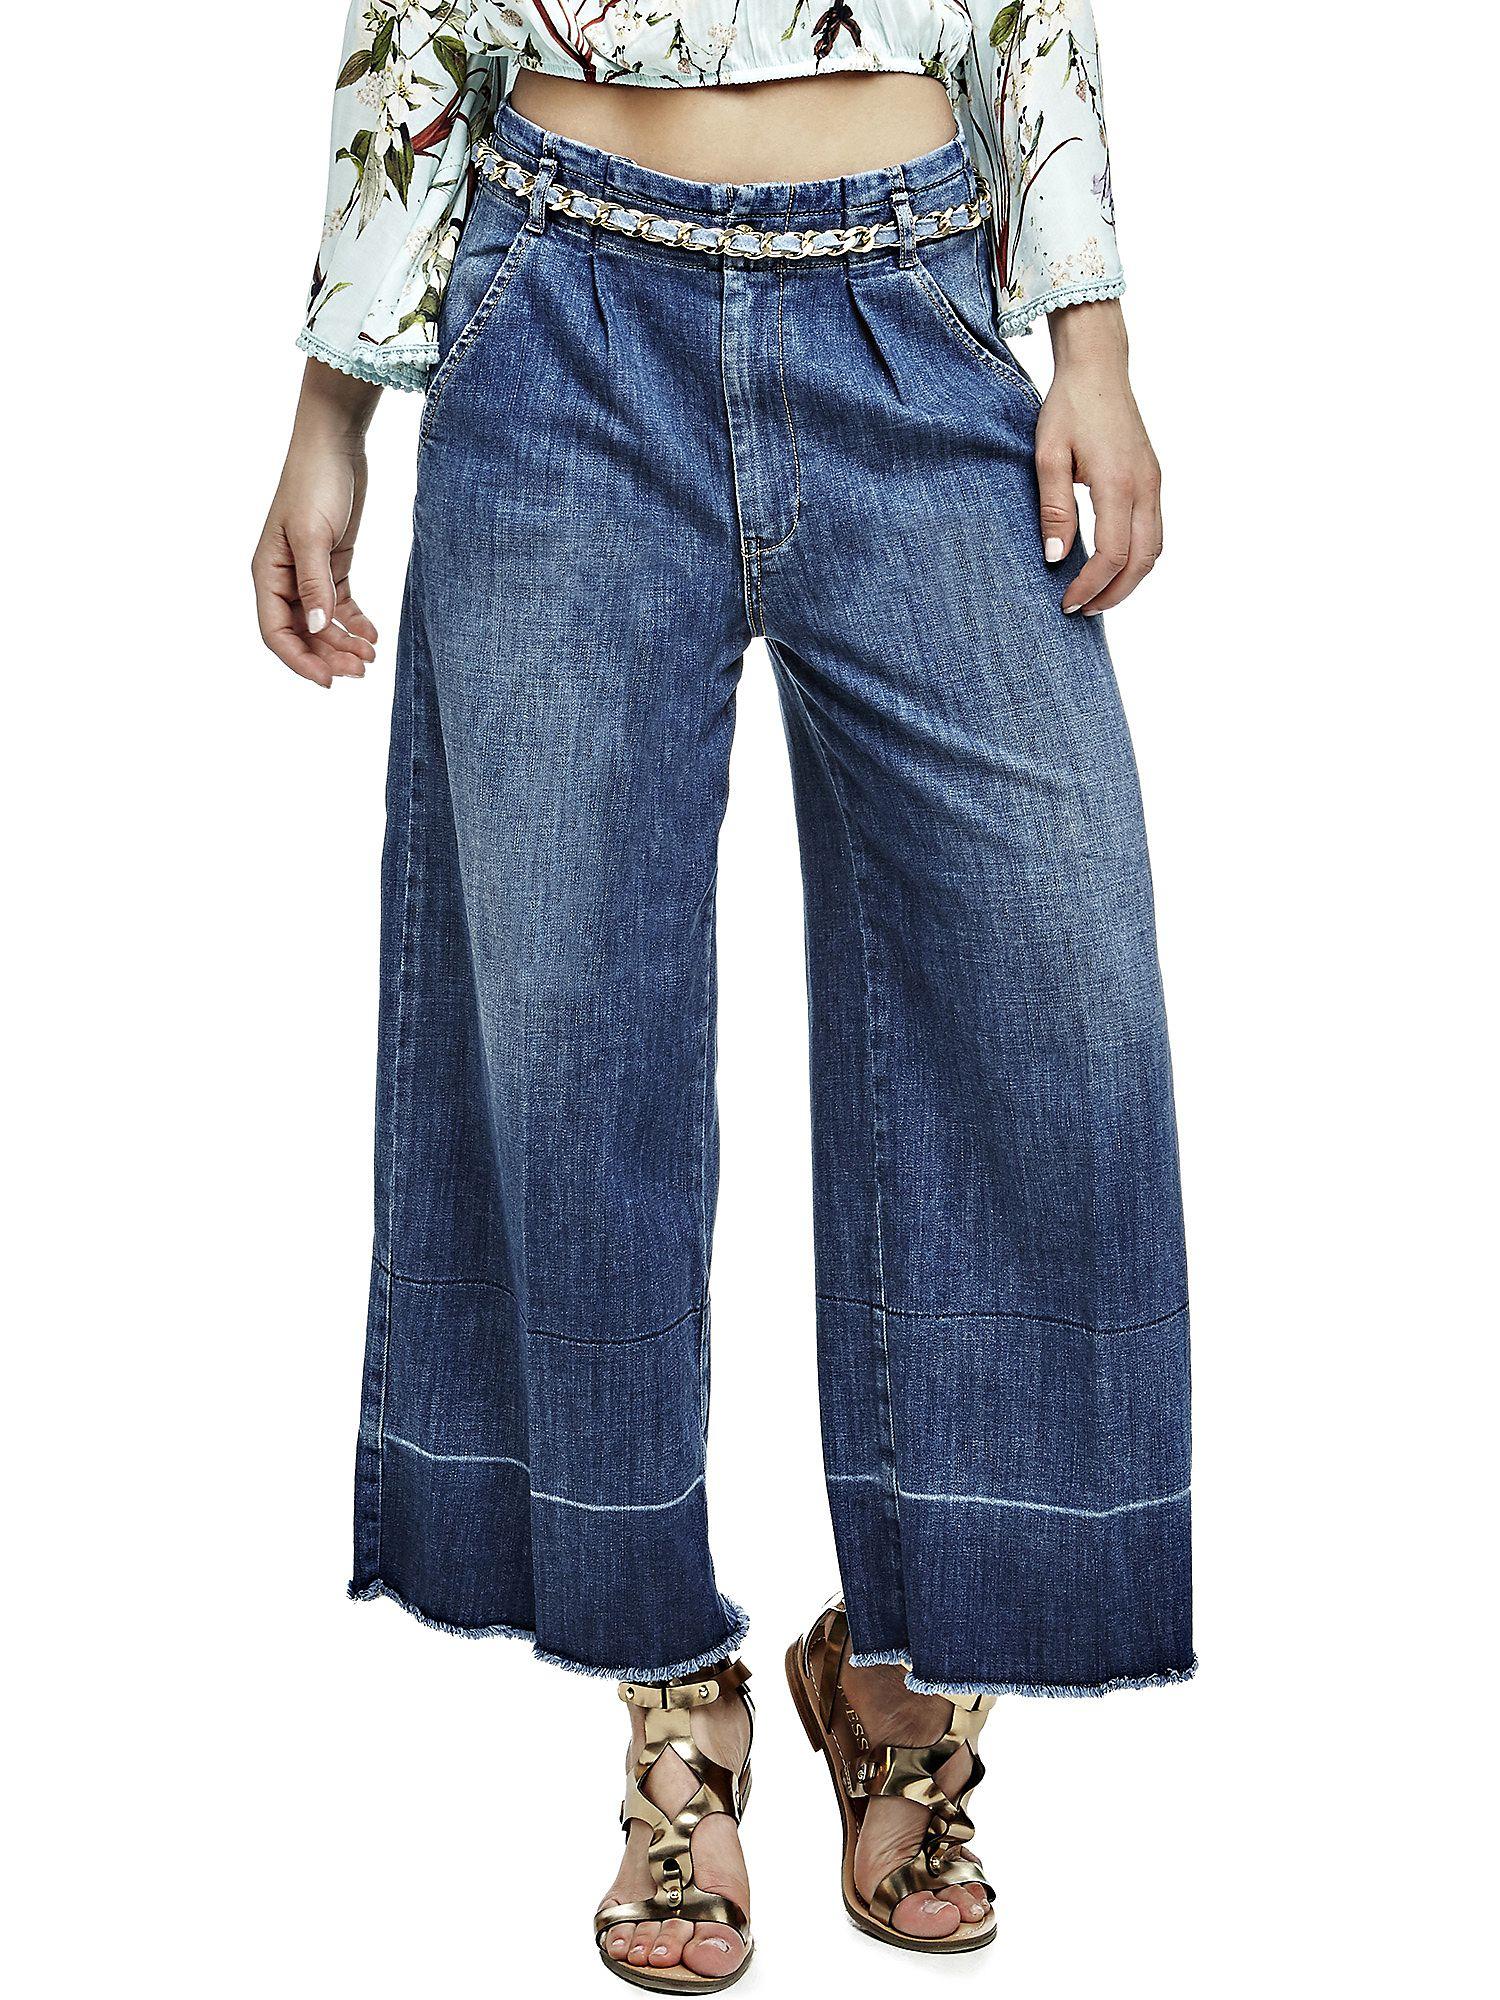 moda primavera estate jeans di tendenza foto e prezzi